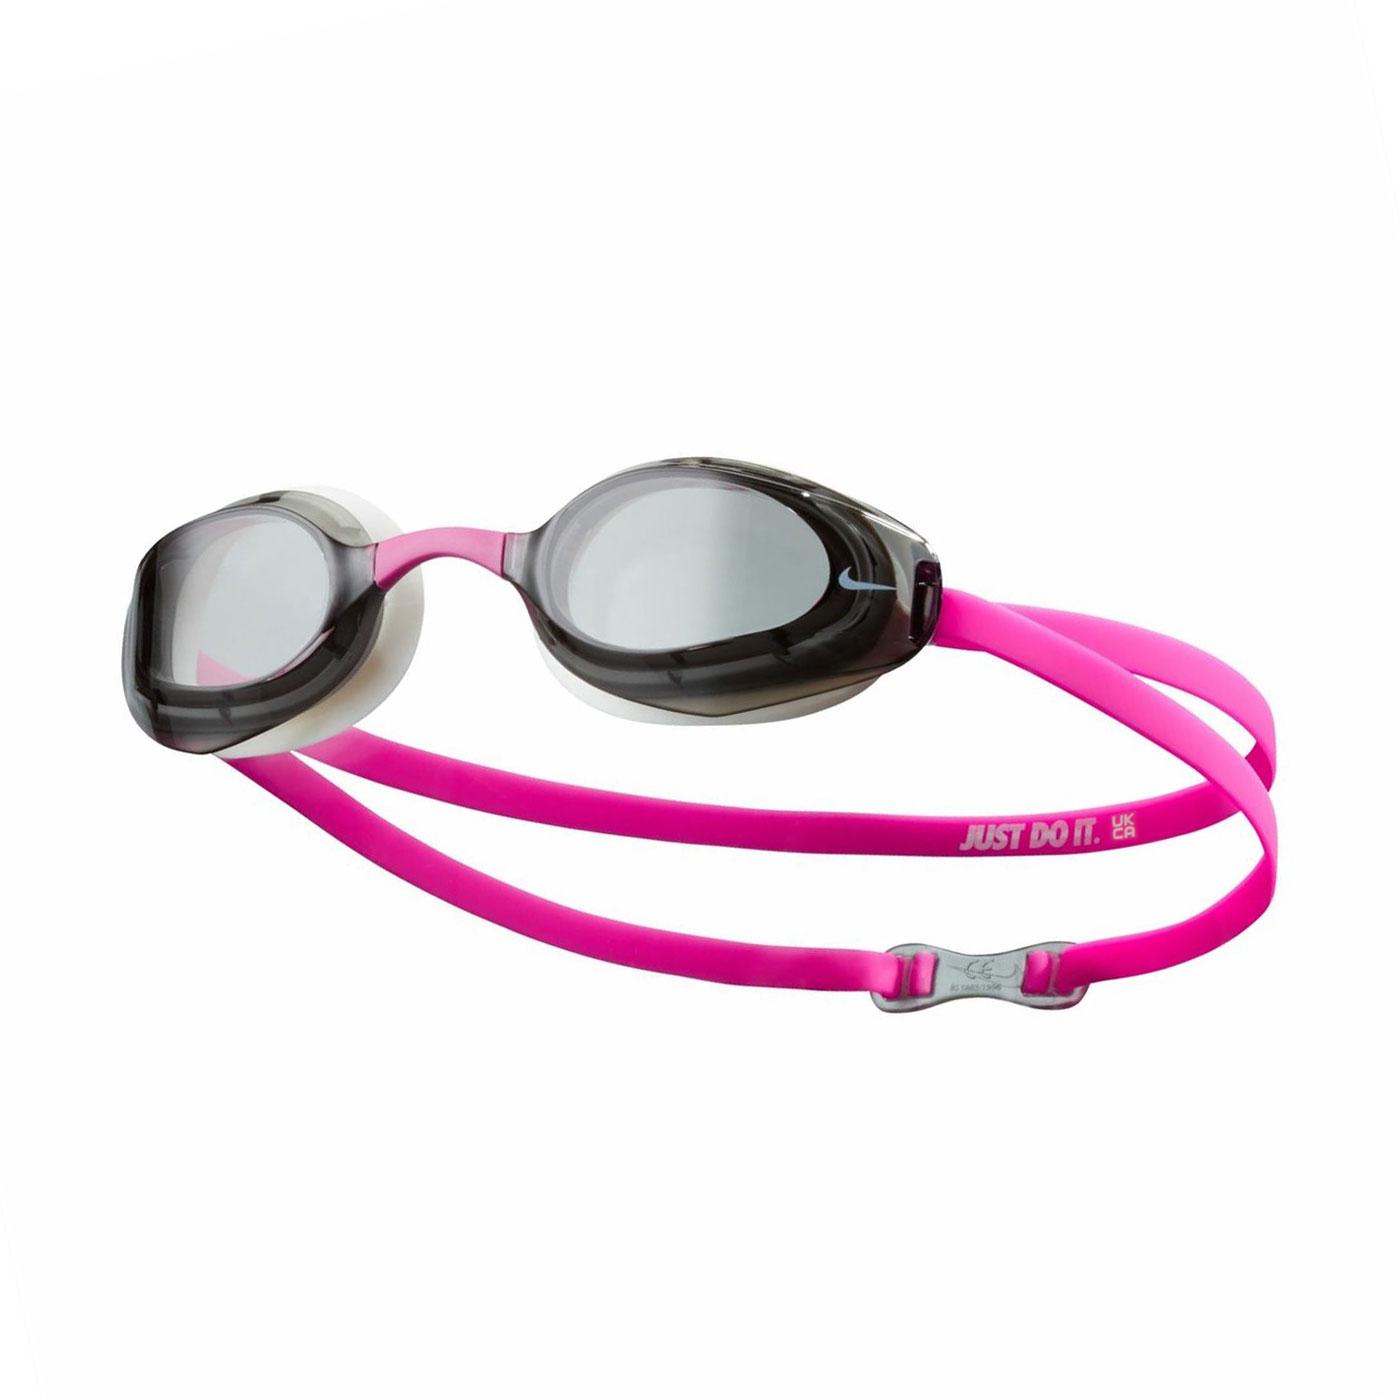 NIKE 成人專業型泳鏡 NESSA177-079 - 黑白桃紅